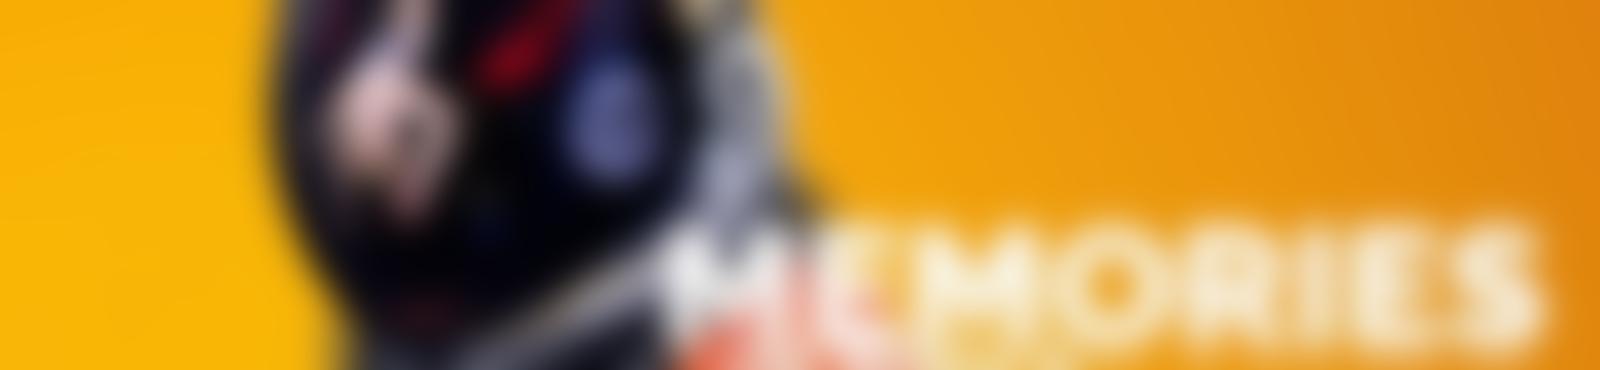 Blurred 891f7965 f60a 46fe b6e7 95ffe5f1af26